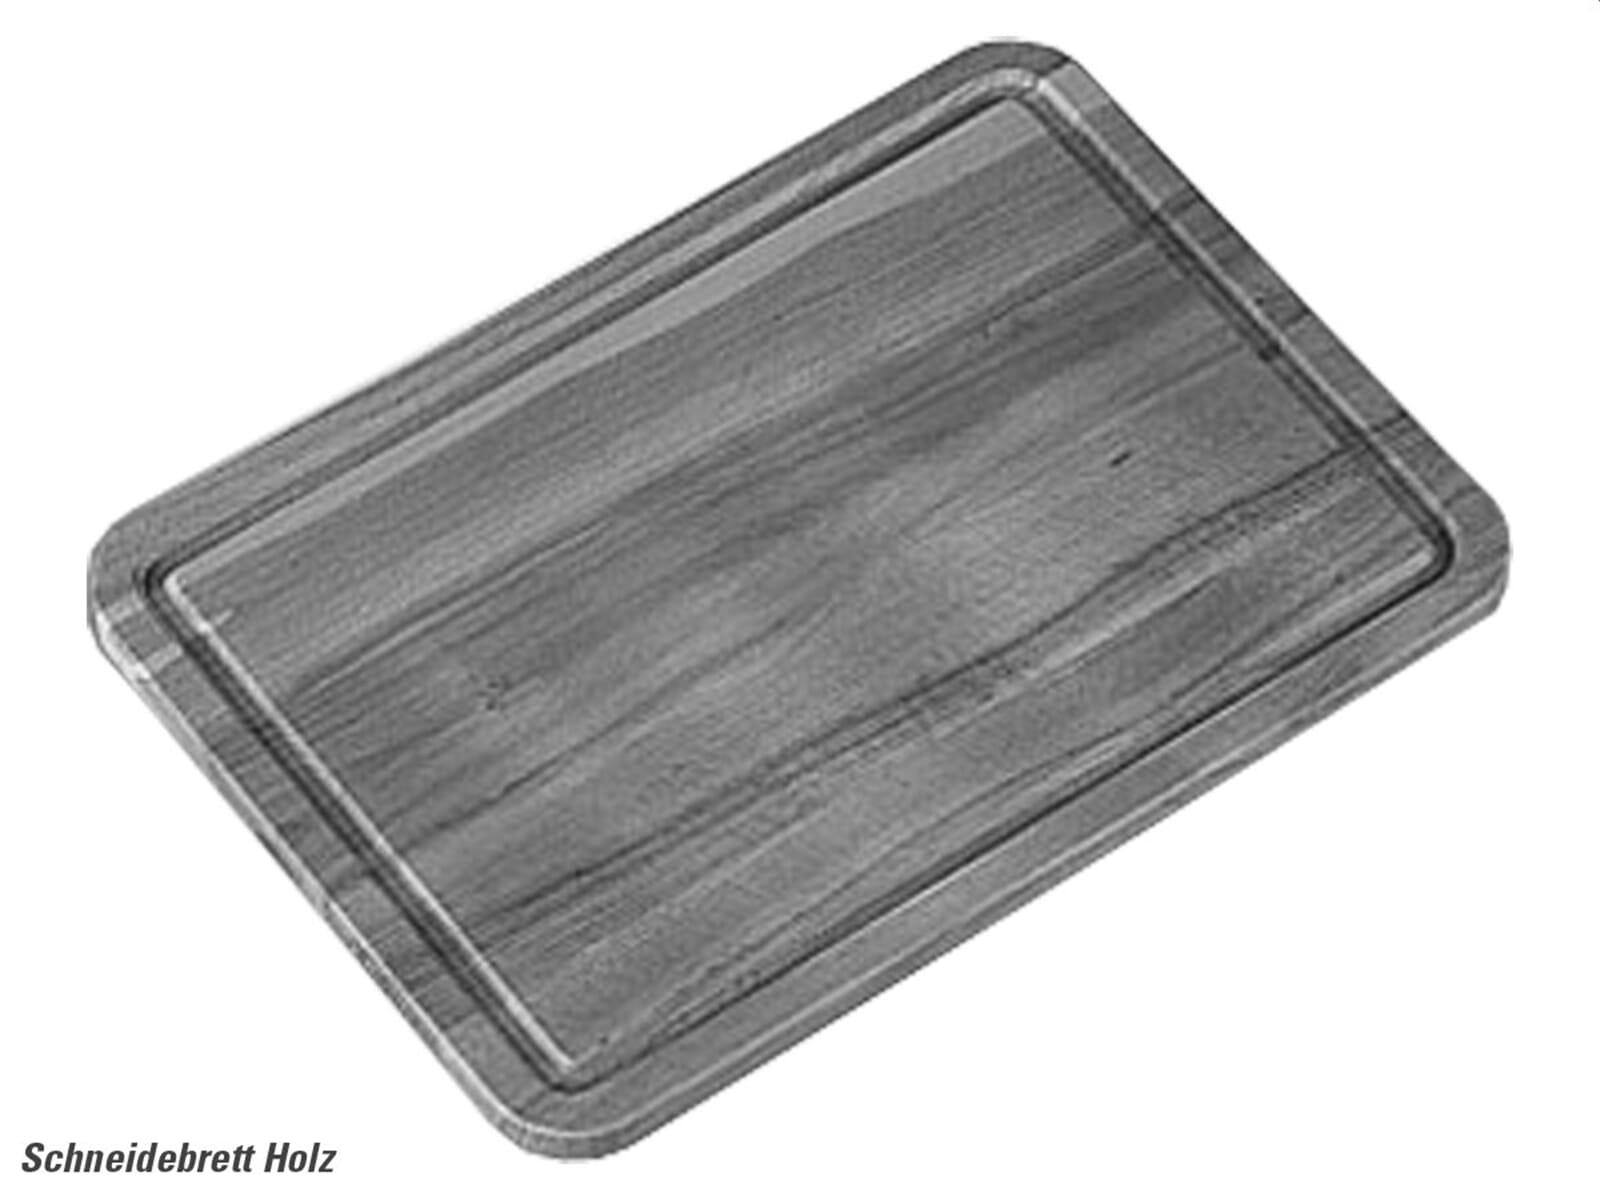 Produktabbildung Schneidebrett Holz 0739